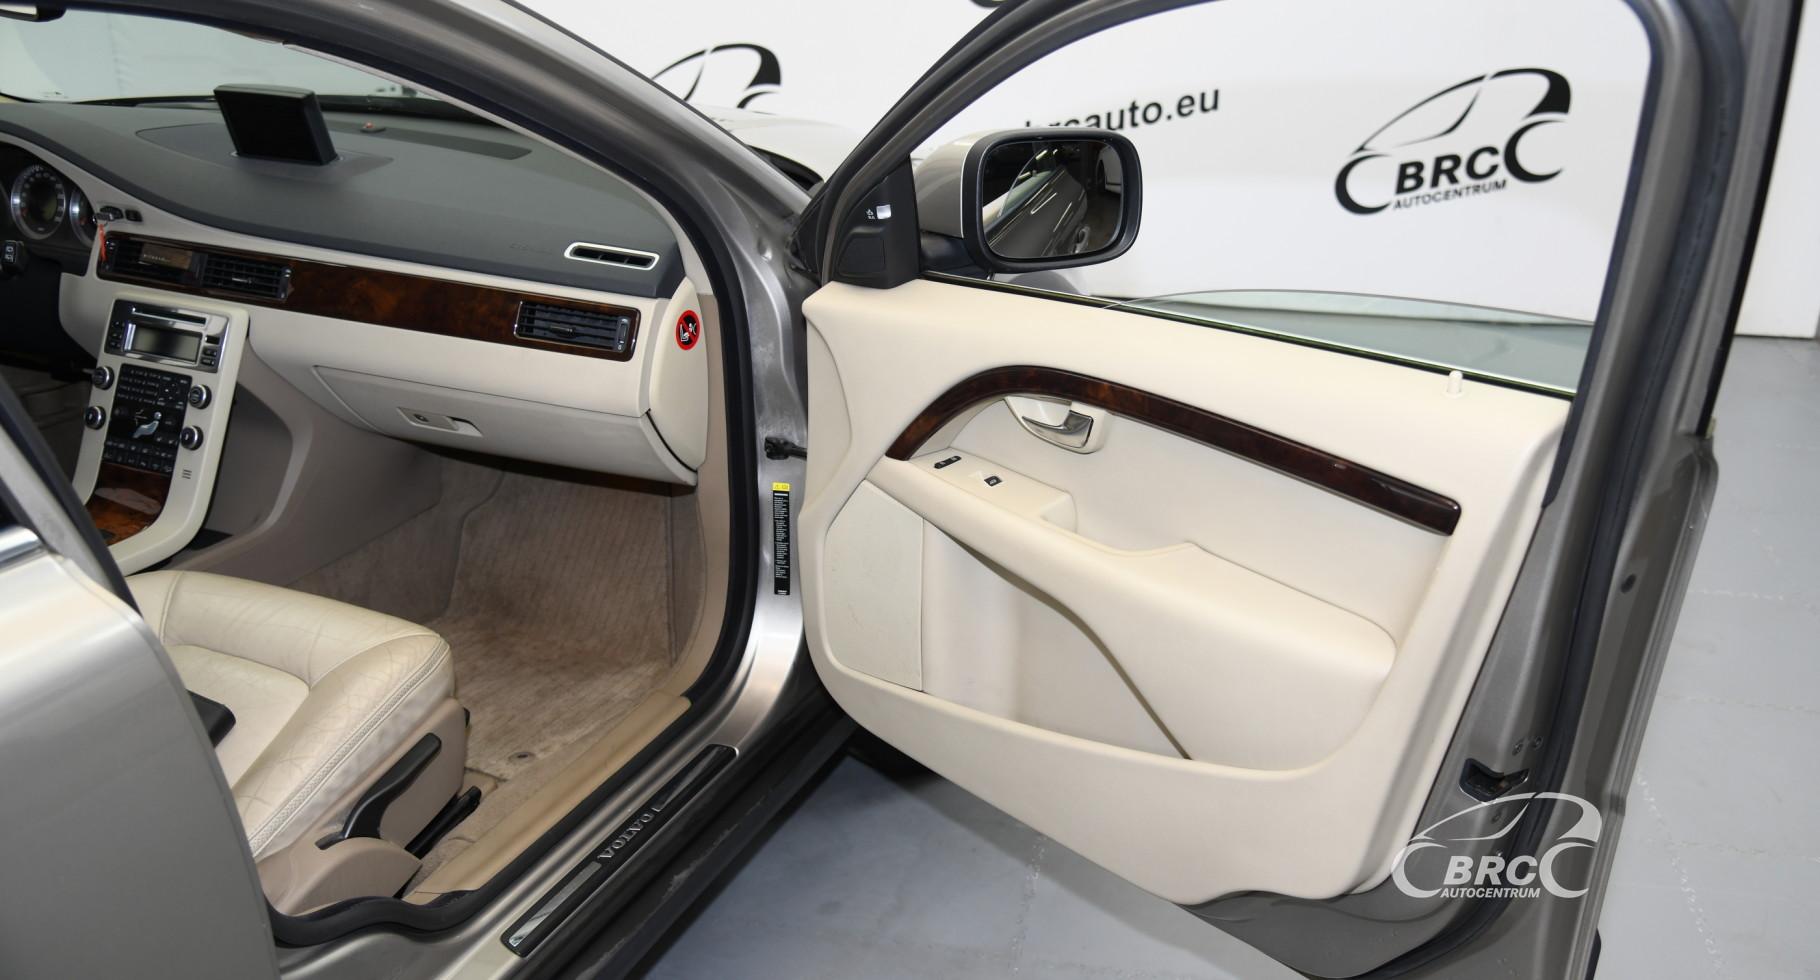 Volvo XC 70 2.4 D5 AWD